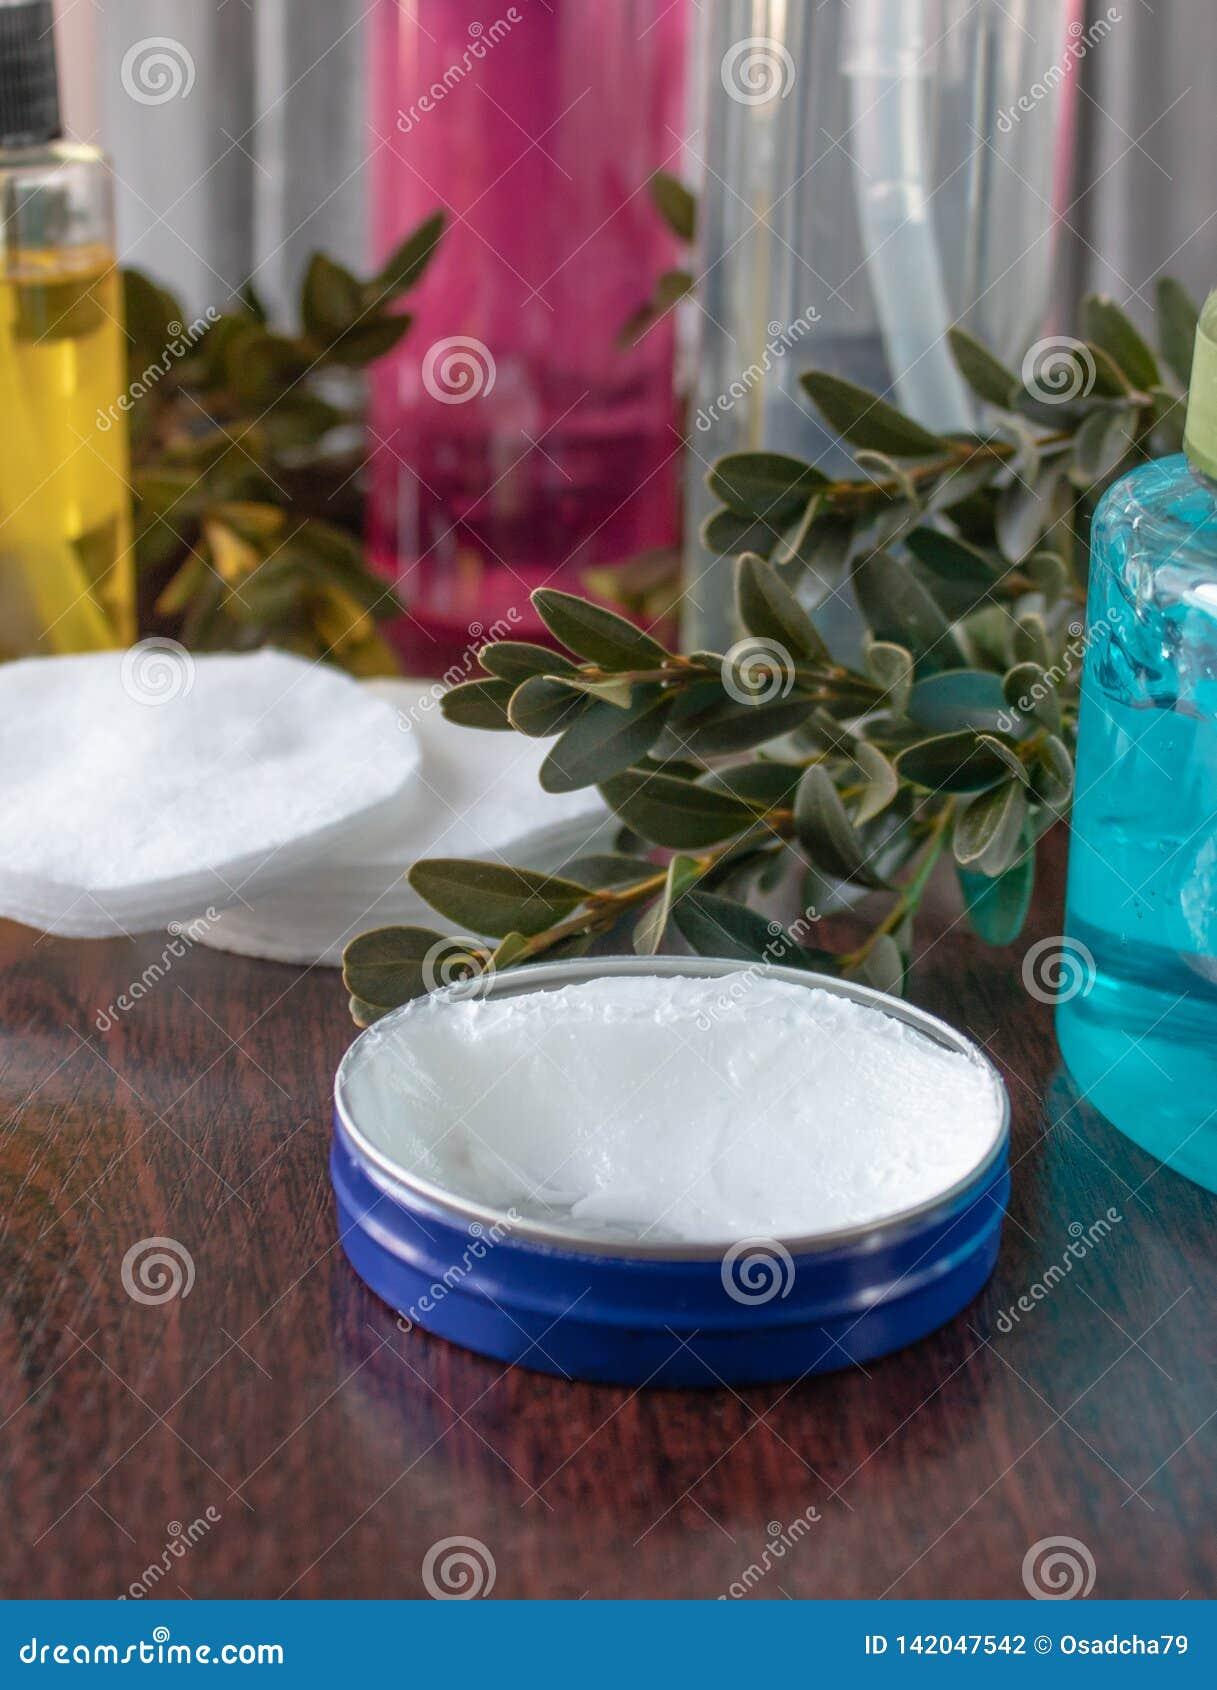 Kosmetische Zusätze auf einem dunklen Hintergrund, weiße Creme in einem blauen Glas